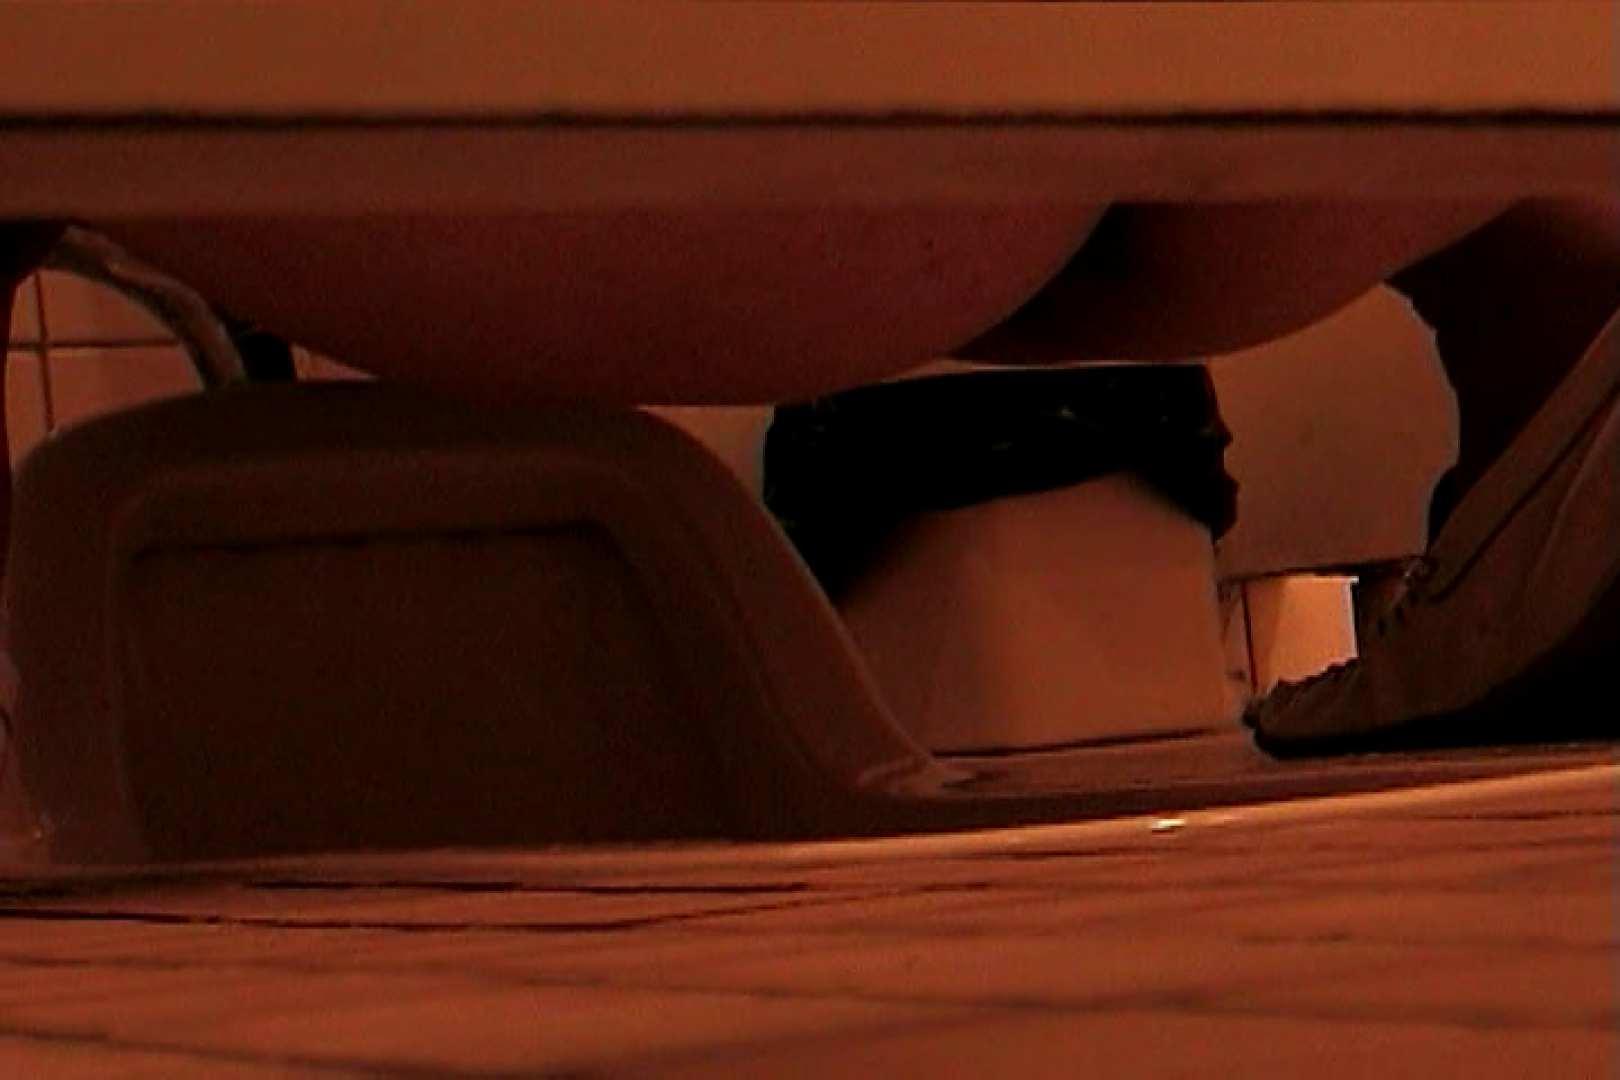 マンコ丸見え女子洗面所Vol.43 丸見え おまんこ無修正動画無料 77pic 19